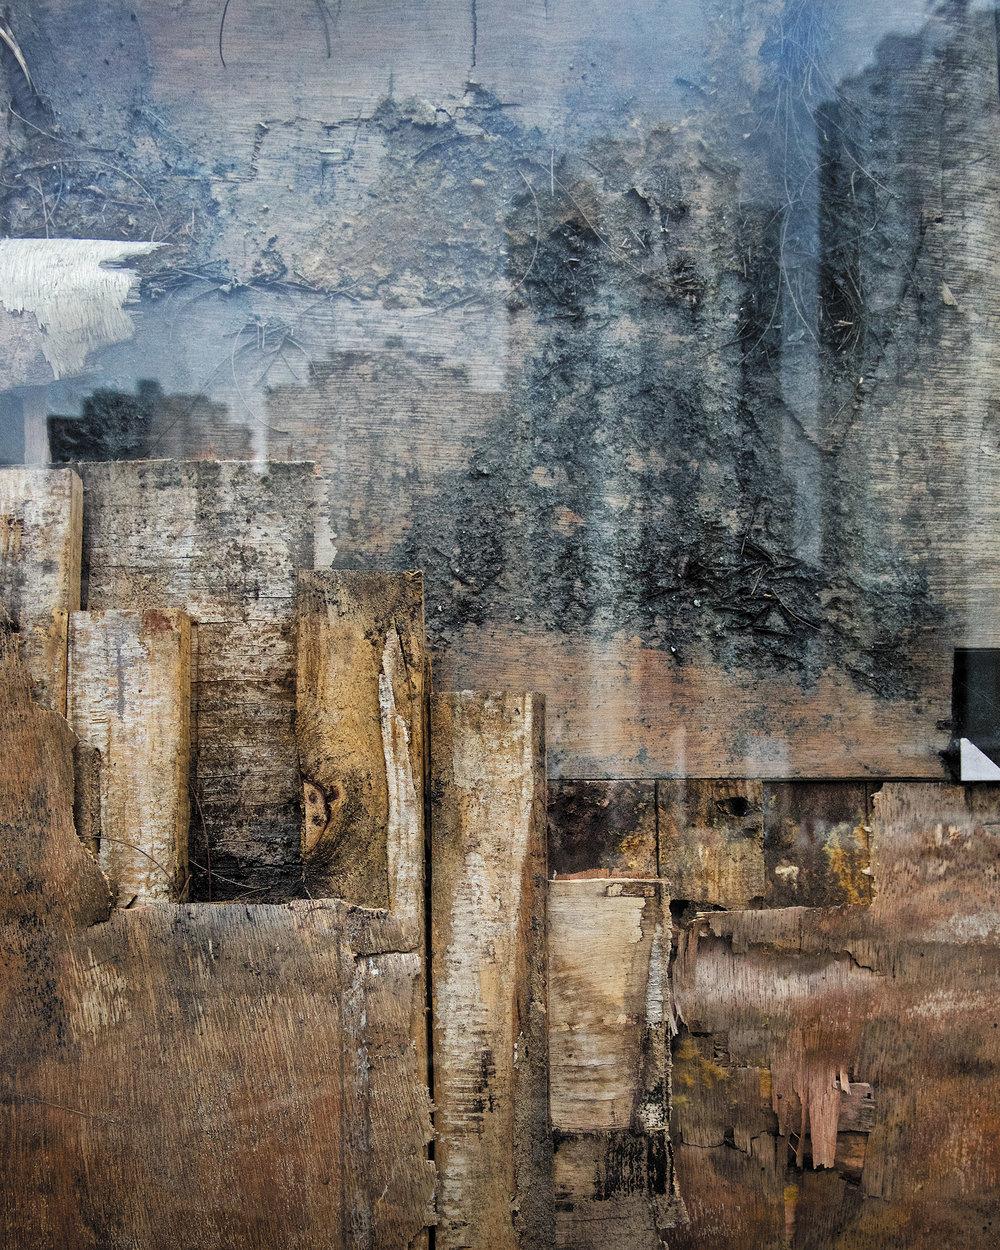 Marcel Heijnen, Weave, Hong Kong, 2013